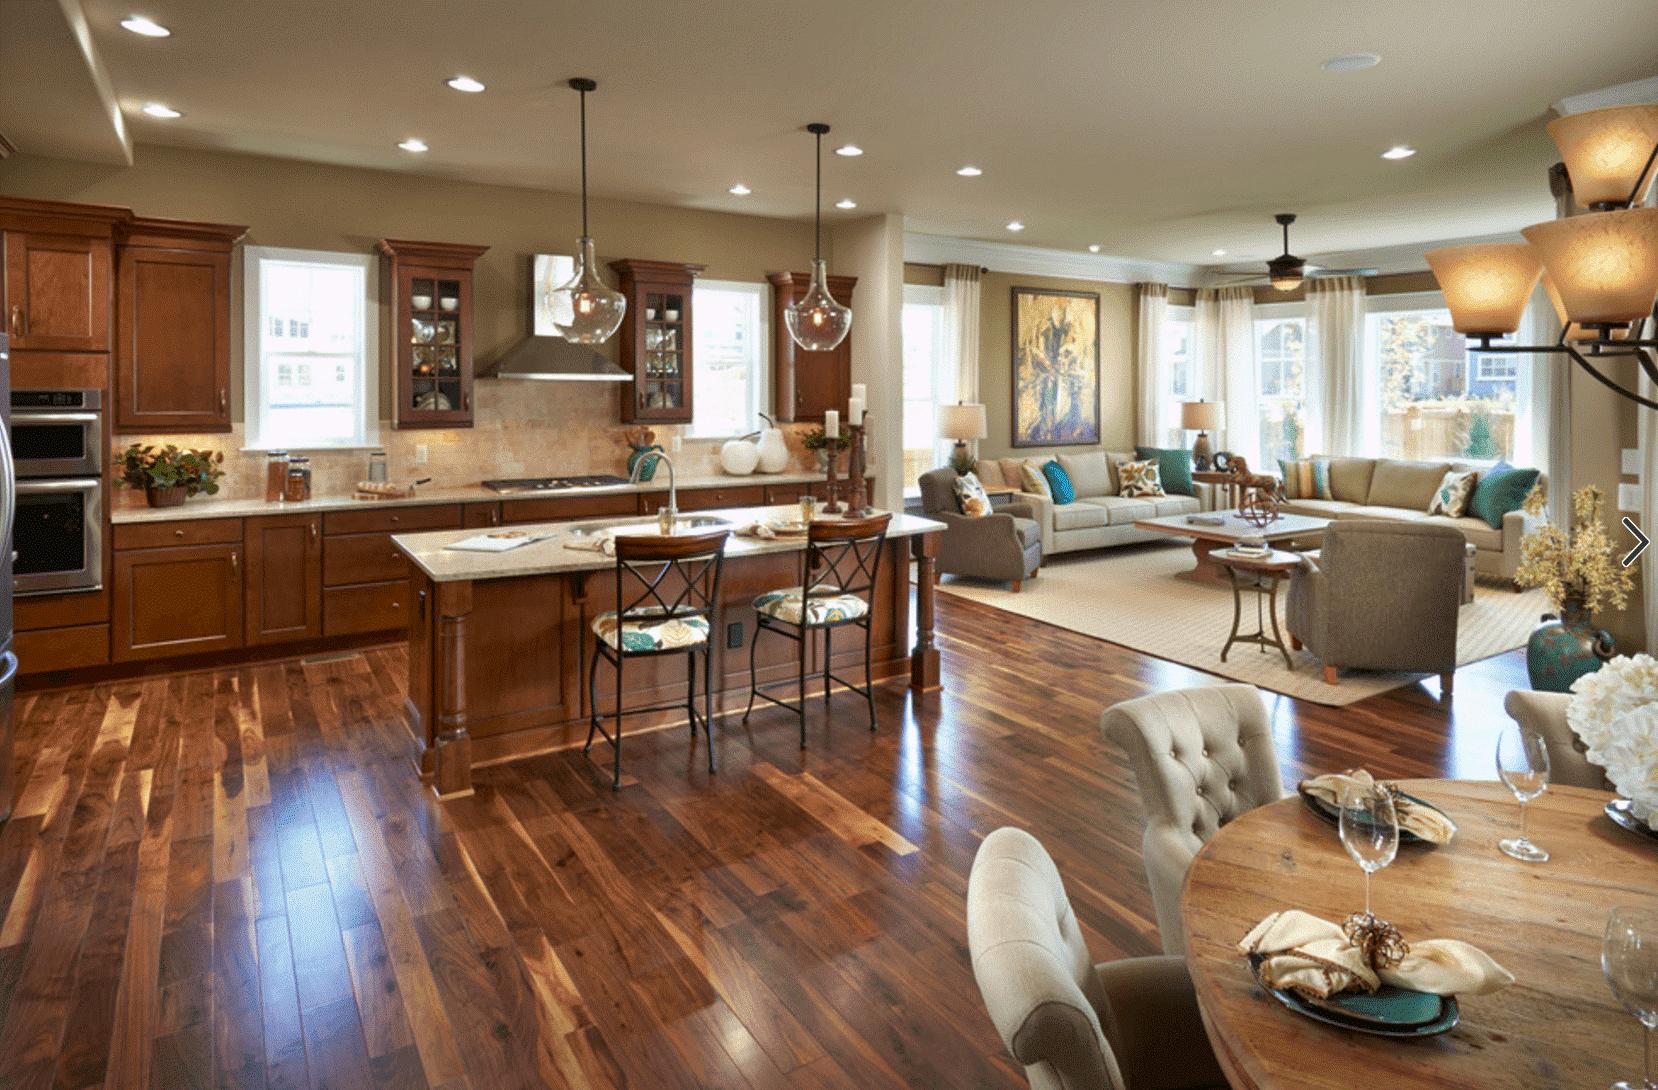 A beautiful Cardano Group kitchen